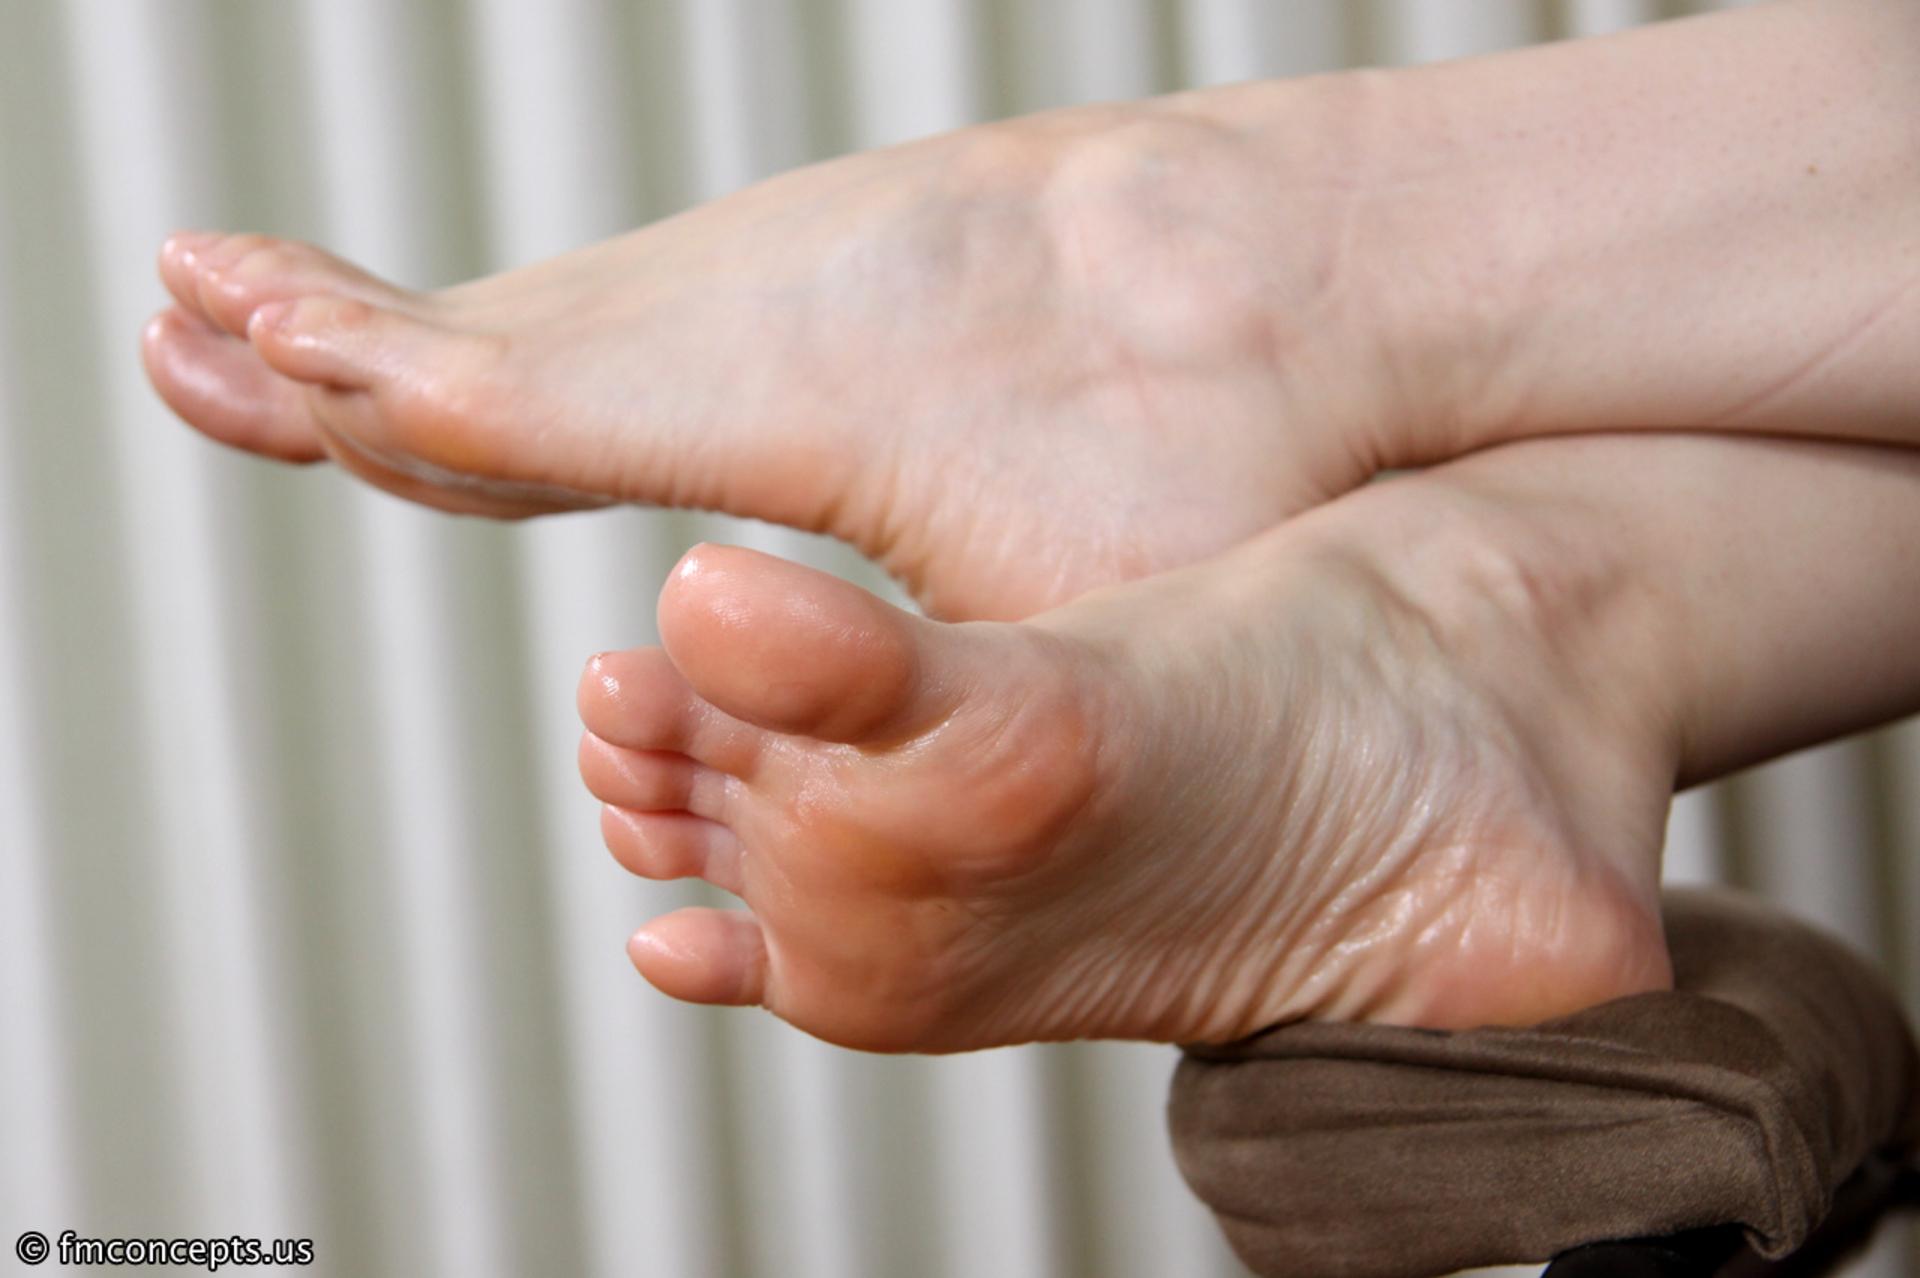 Член между пальцев ног фото, Дрочит хуй ногами увлекательное порно фото порева 13 фотография